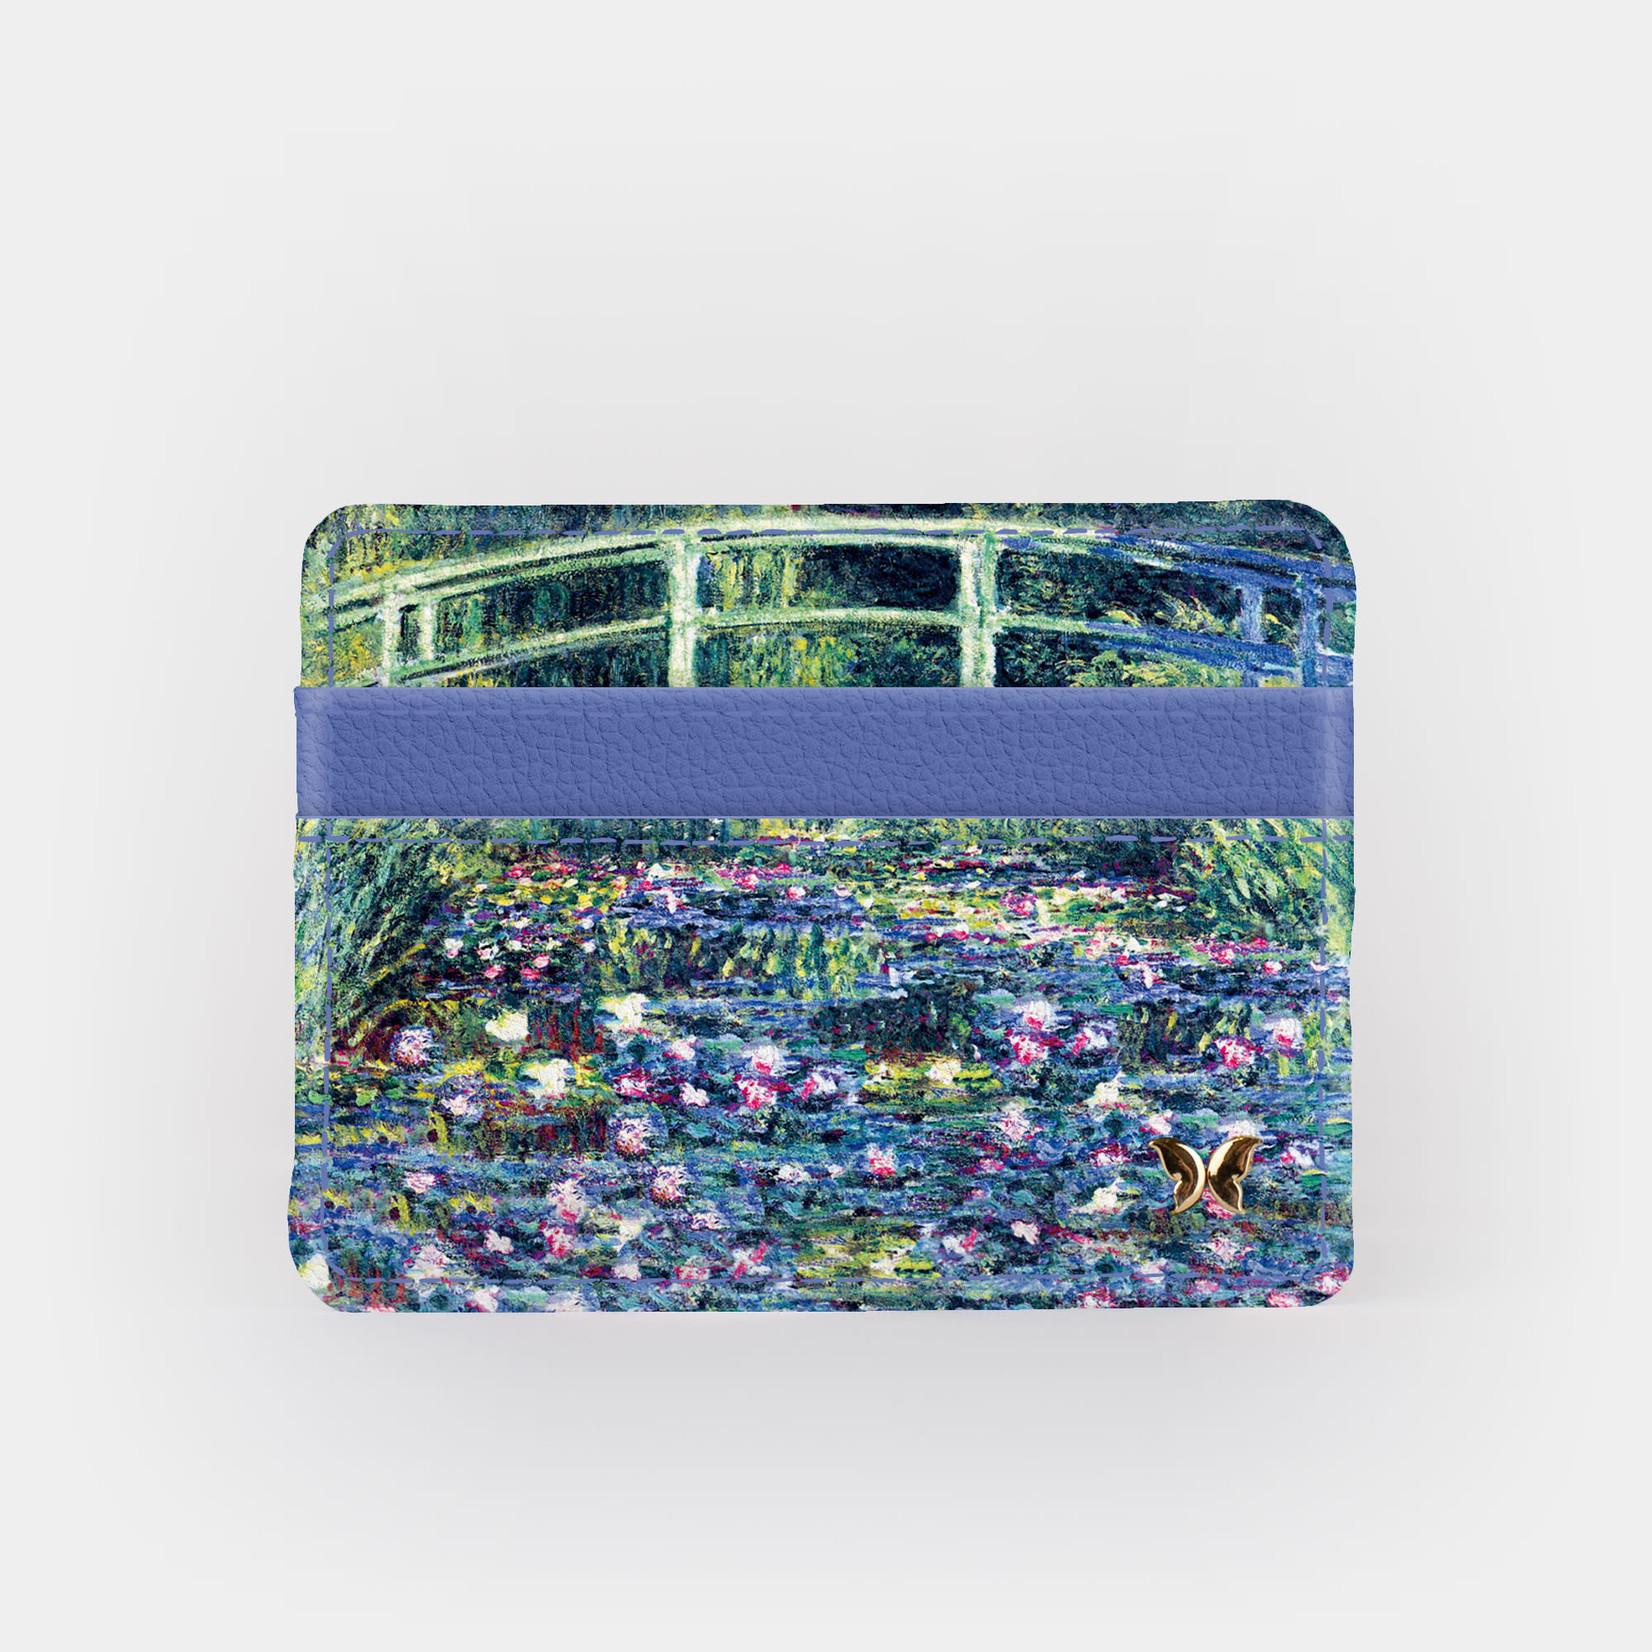 Monarque Slim Wallet - Monet - Water Lily Pond & Japanese Bridge